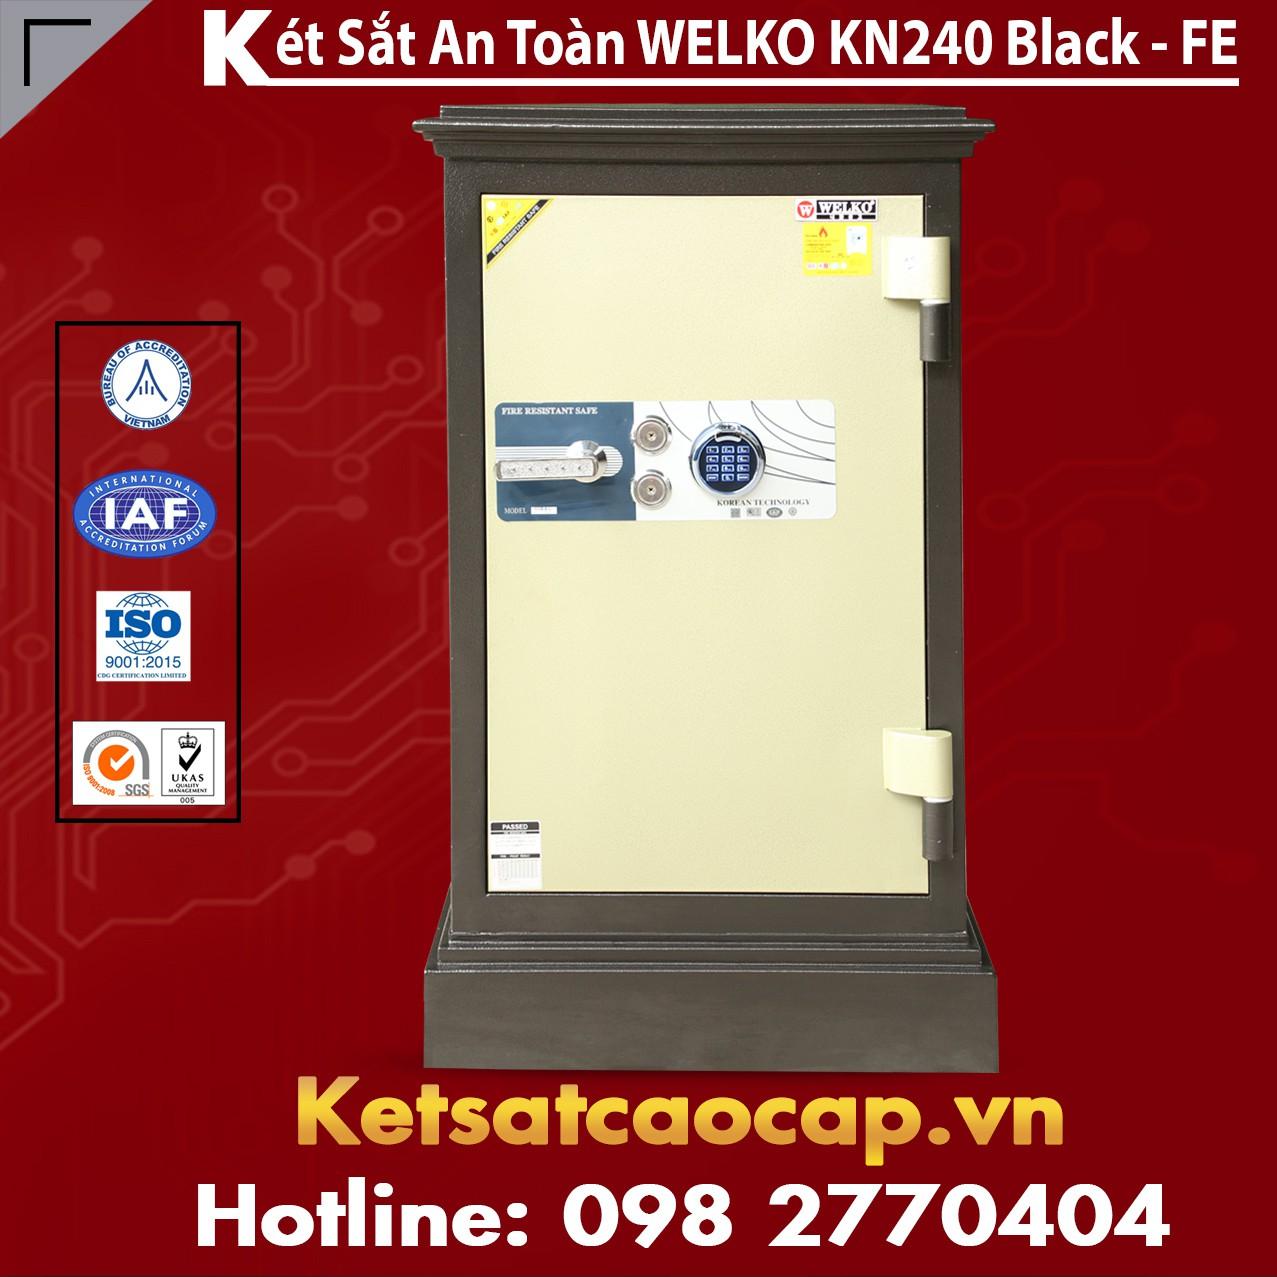 Két Sắt Nhật Bản KN240 Black - FE